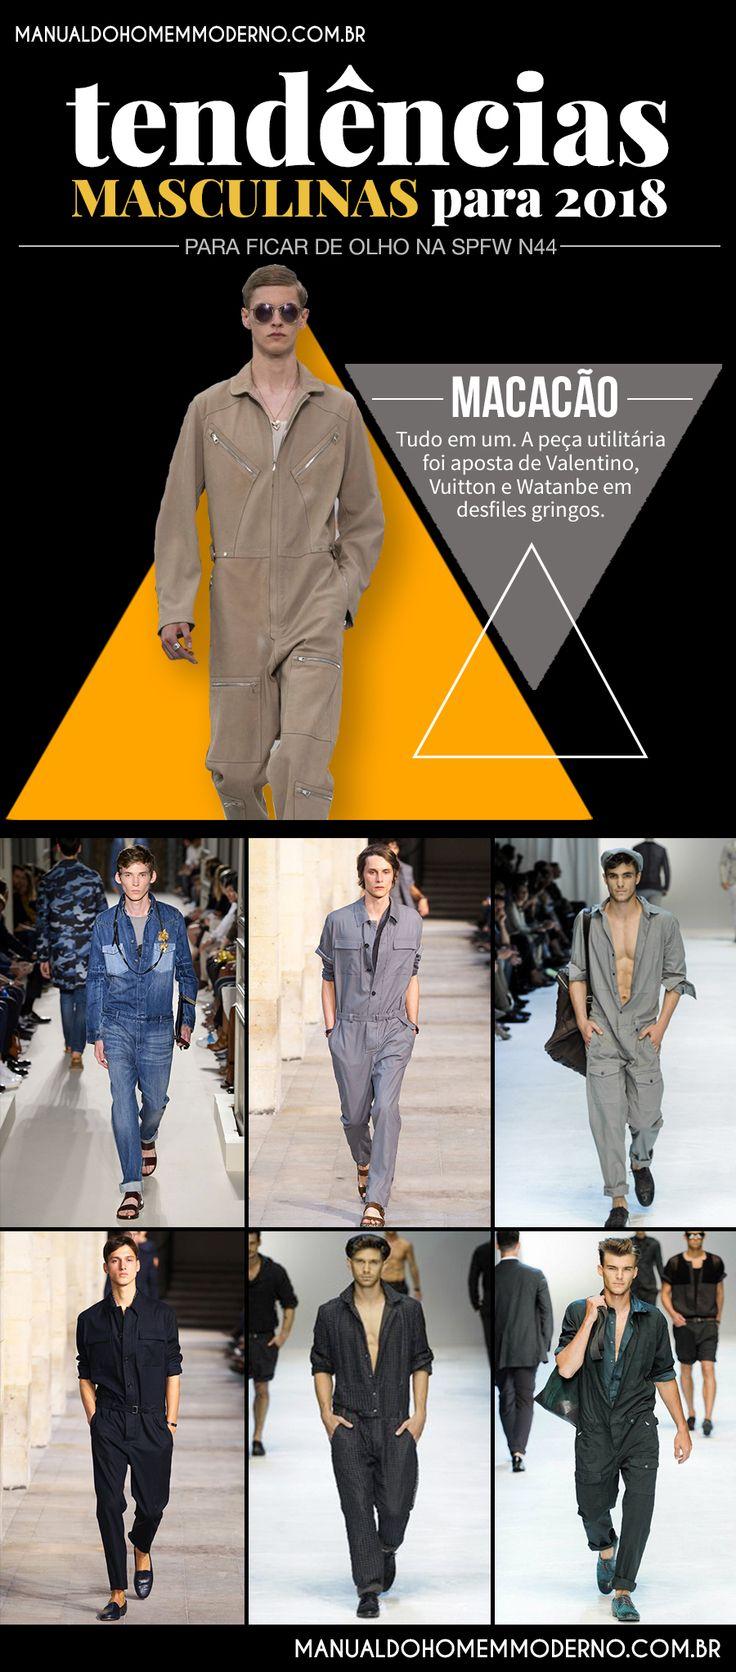 O macacão promete se tornar uma peça em destaque na moda masculina em 2018.